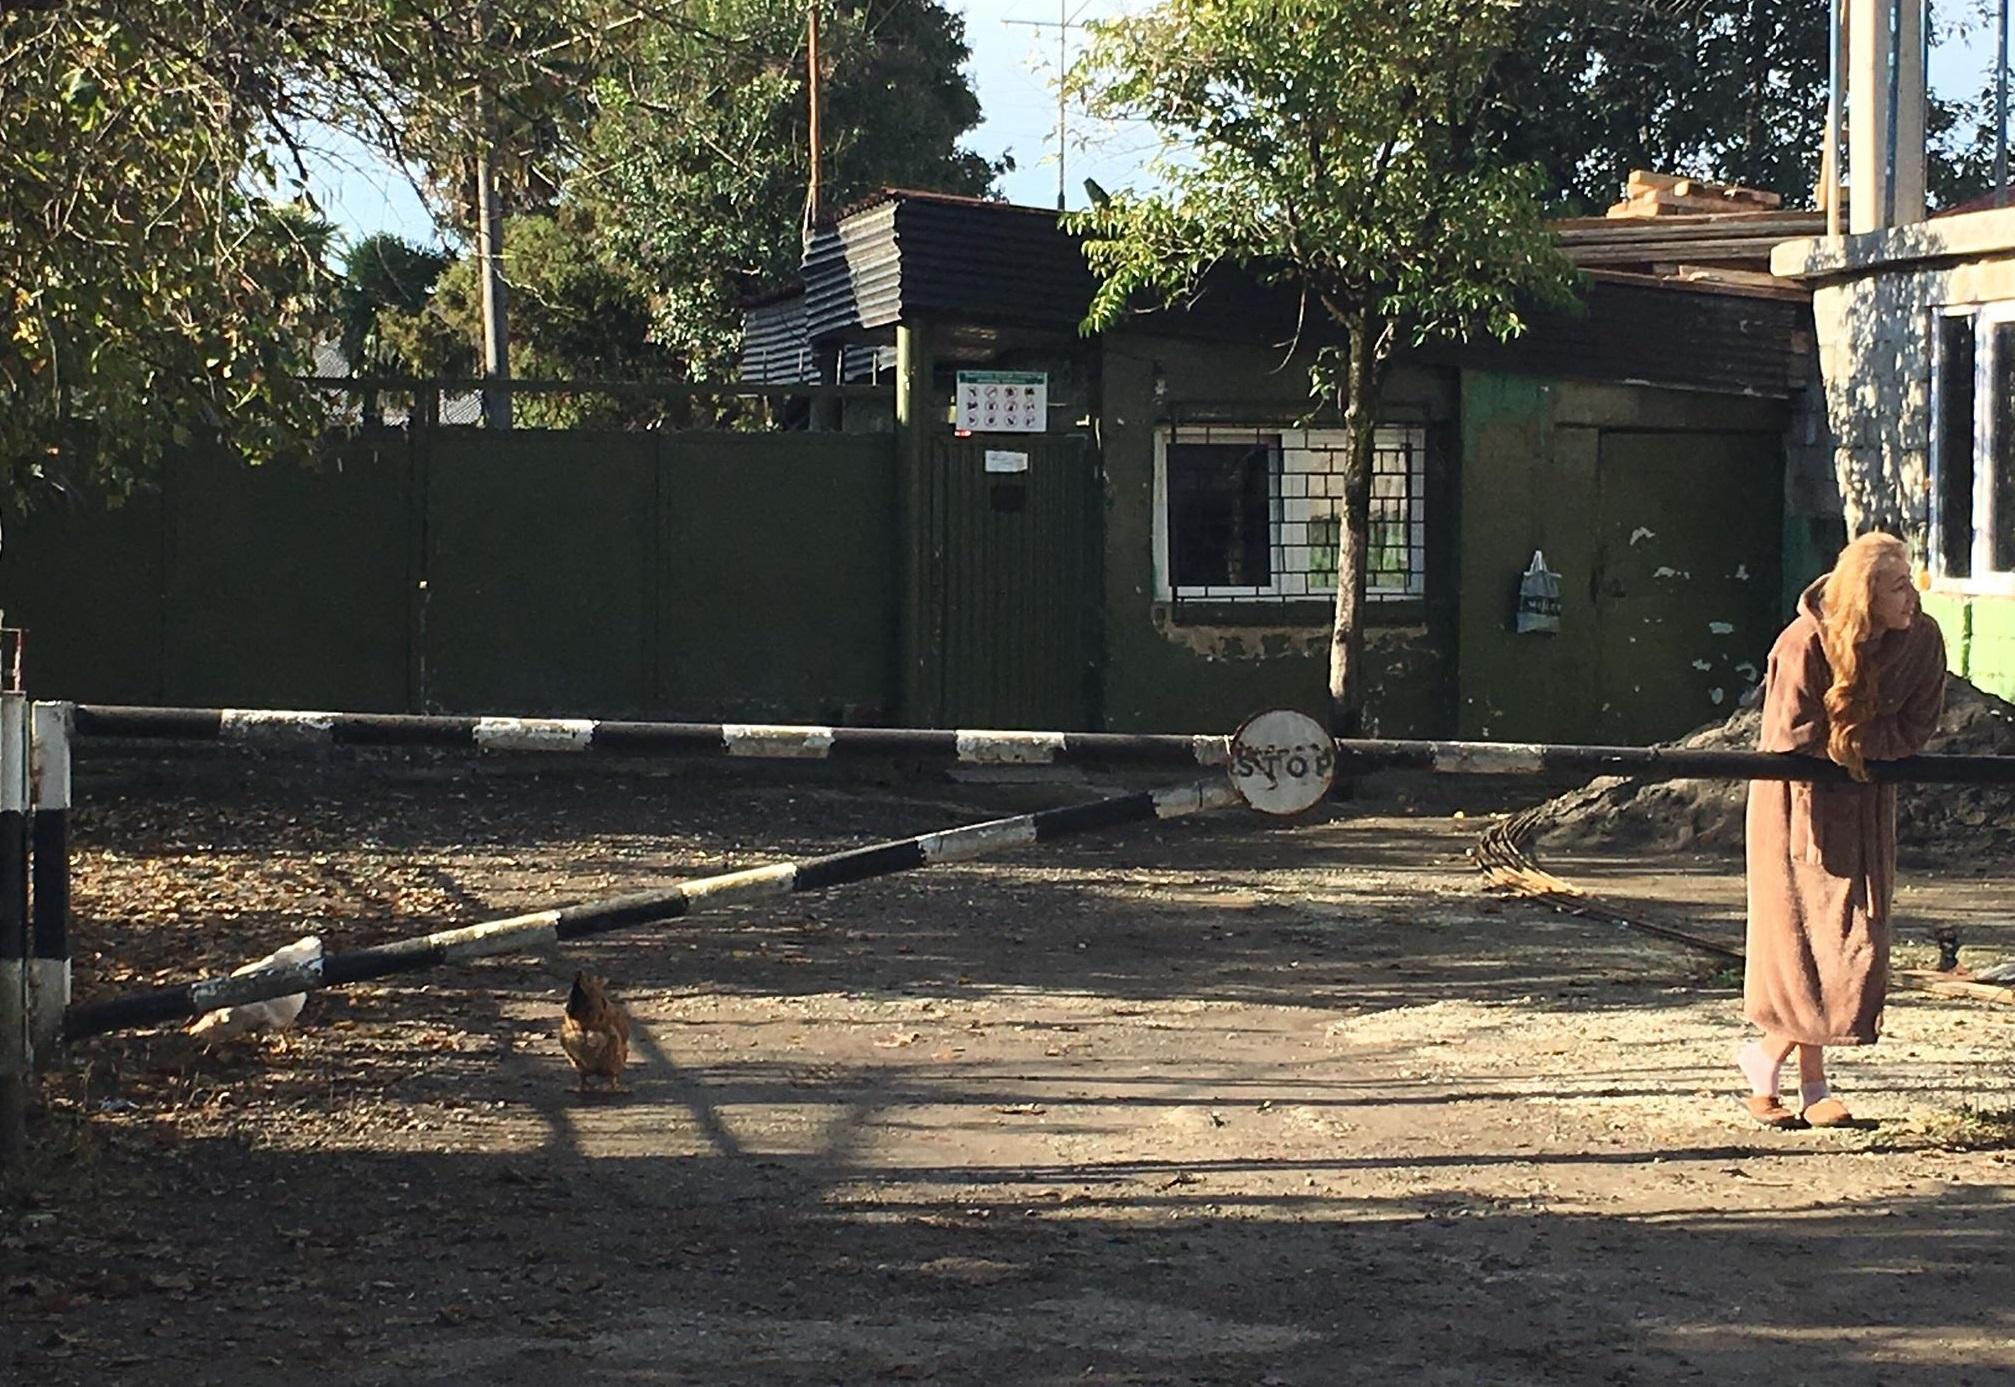 ბათუმის მერის მოსვლამდე არ დავიშლებით - სამხედრო ბაზის შენობასთანსამი ოჯახი რჩება